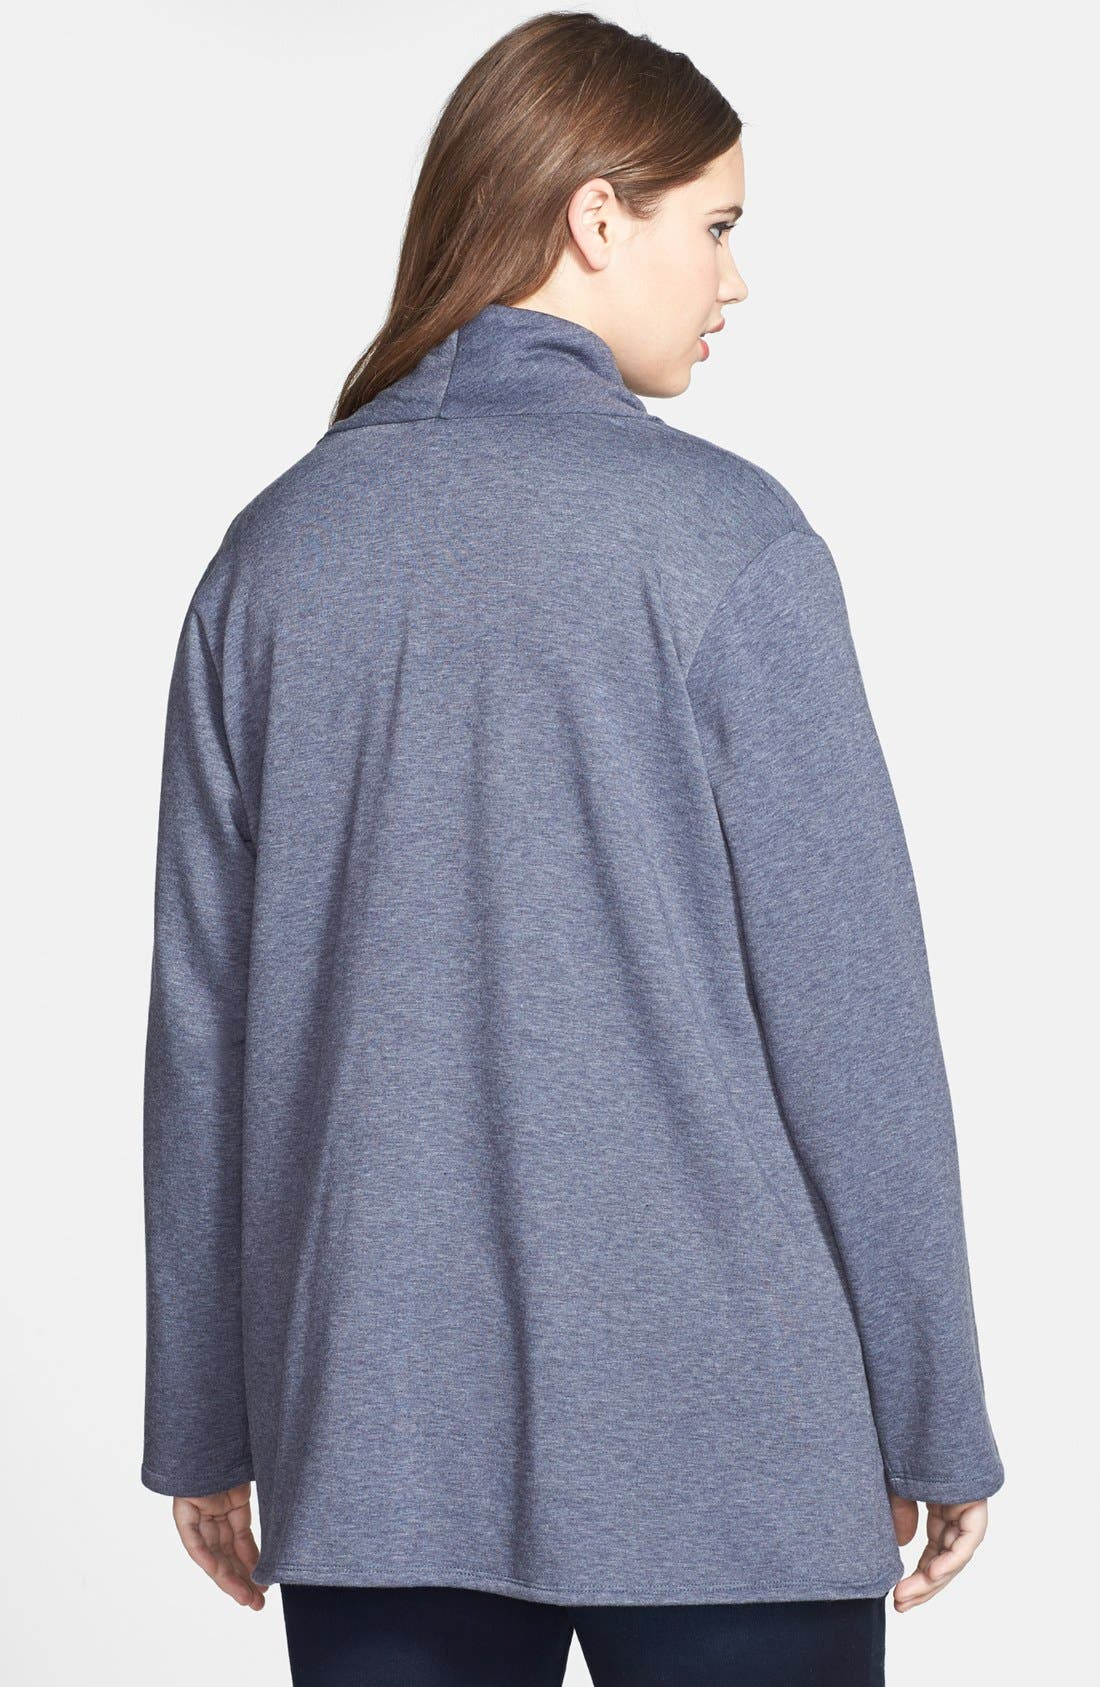 Alternate Image 2  - Bobeau One-Button Fleece Cardigan (Plus Size)